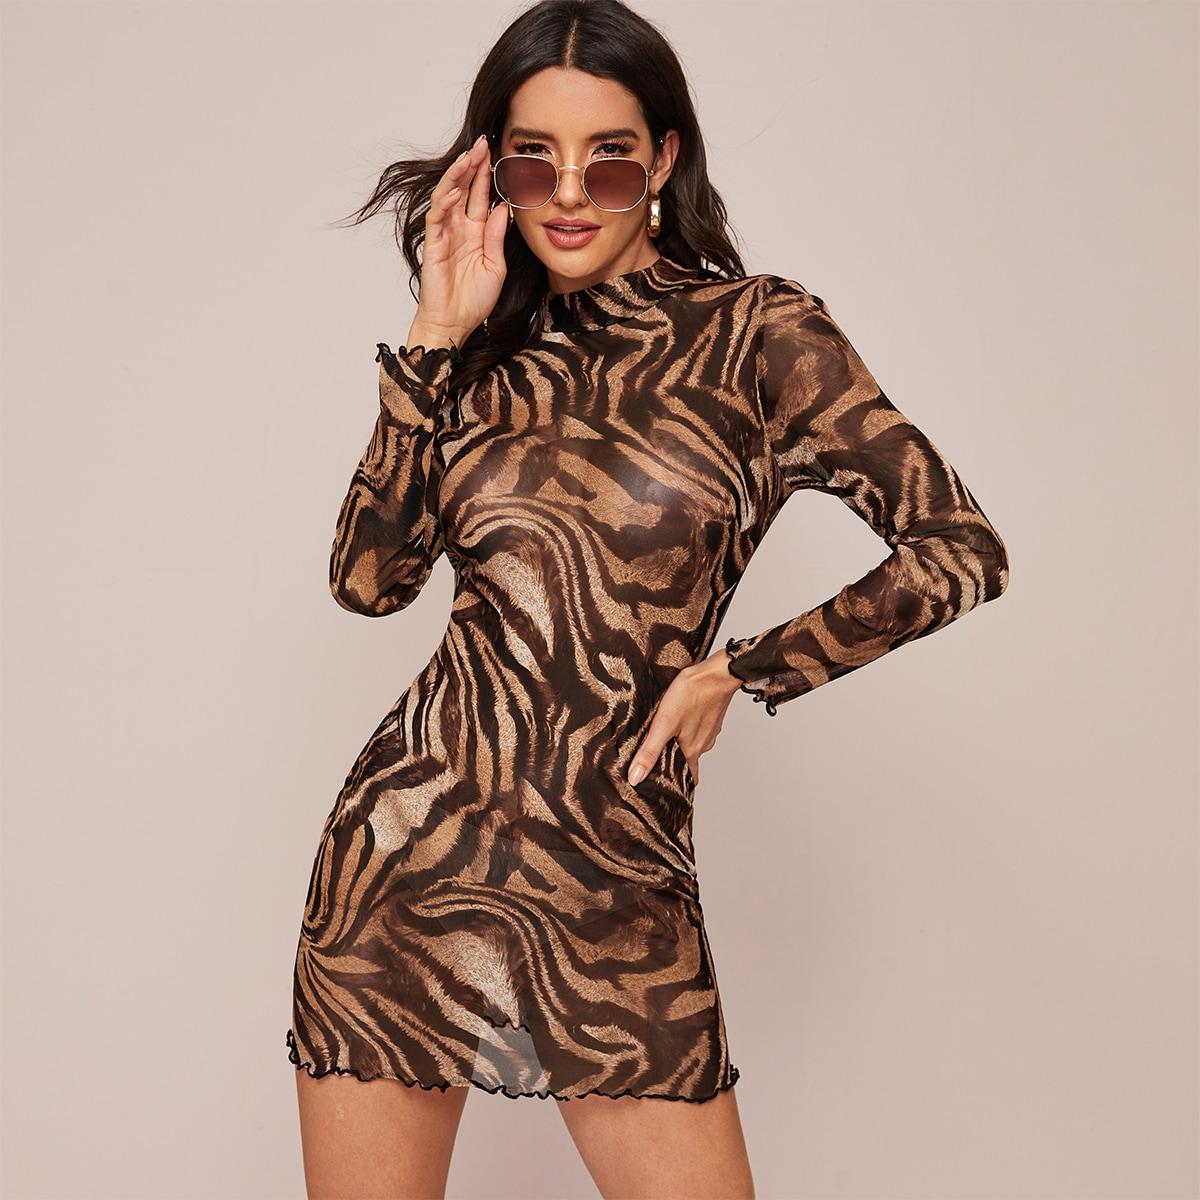 Тигровое полосатое прозрачное платье с оригинальной отделкой